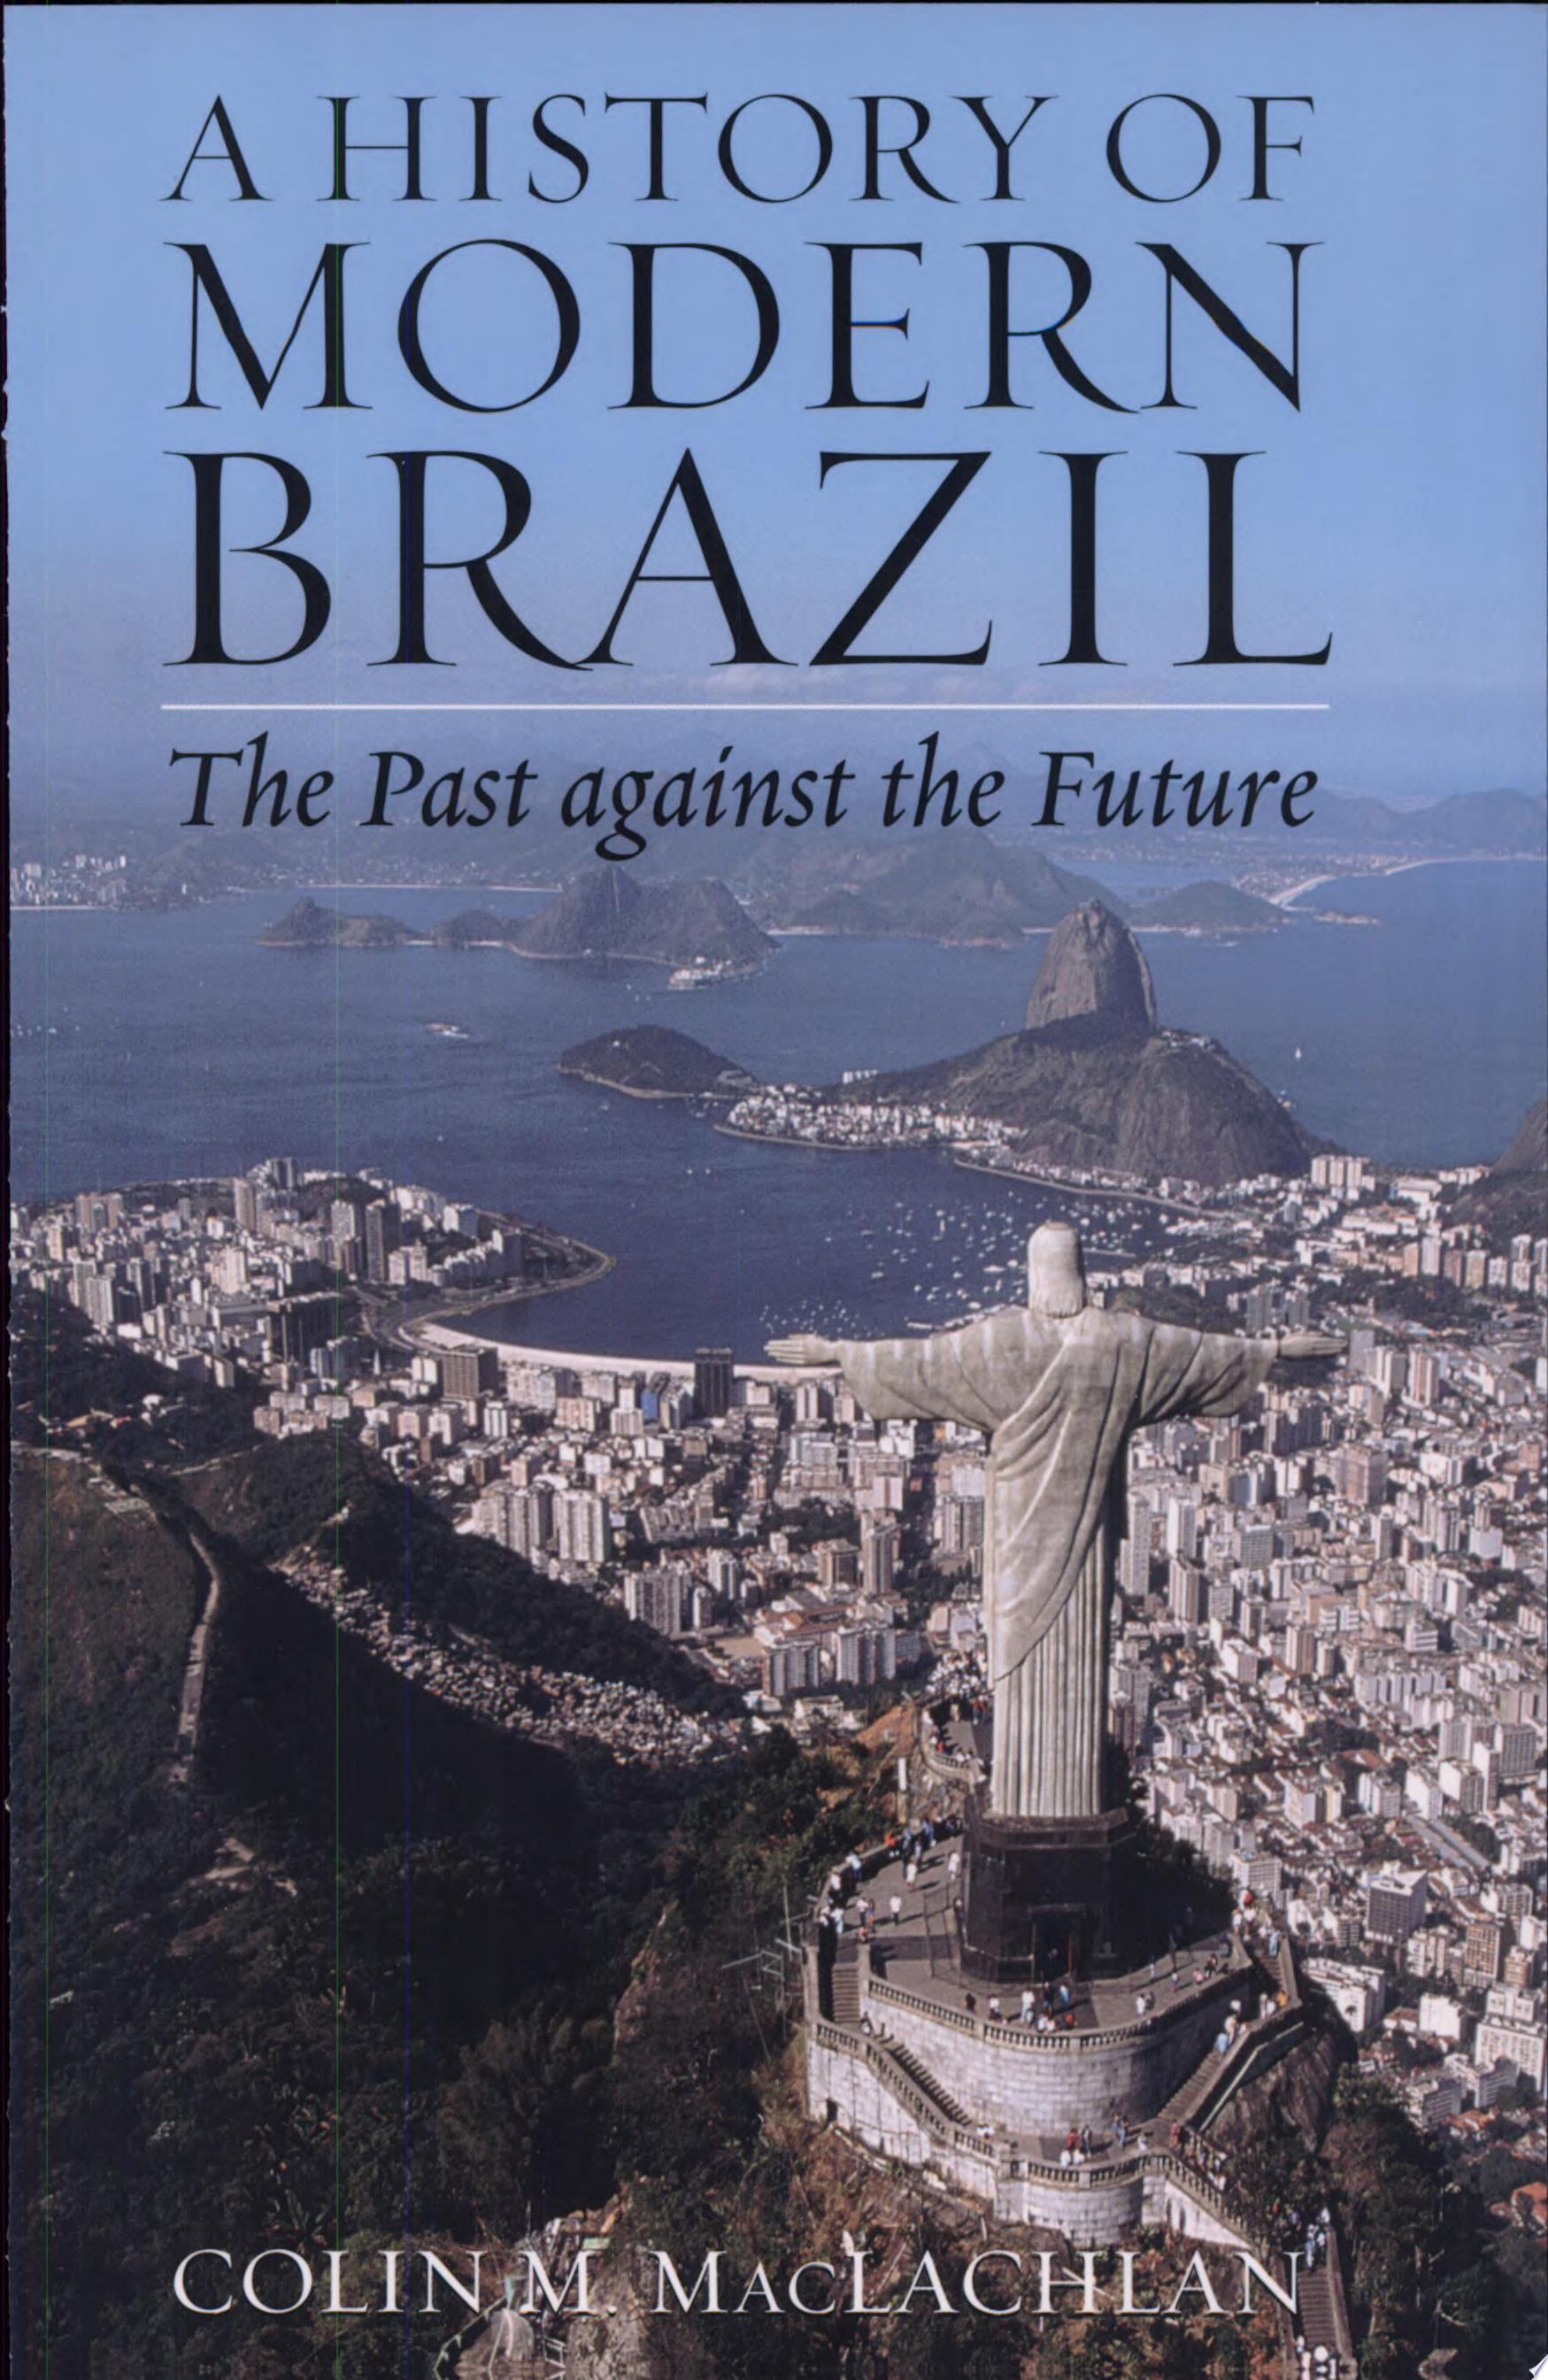 A History of Modern Brazil